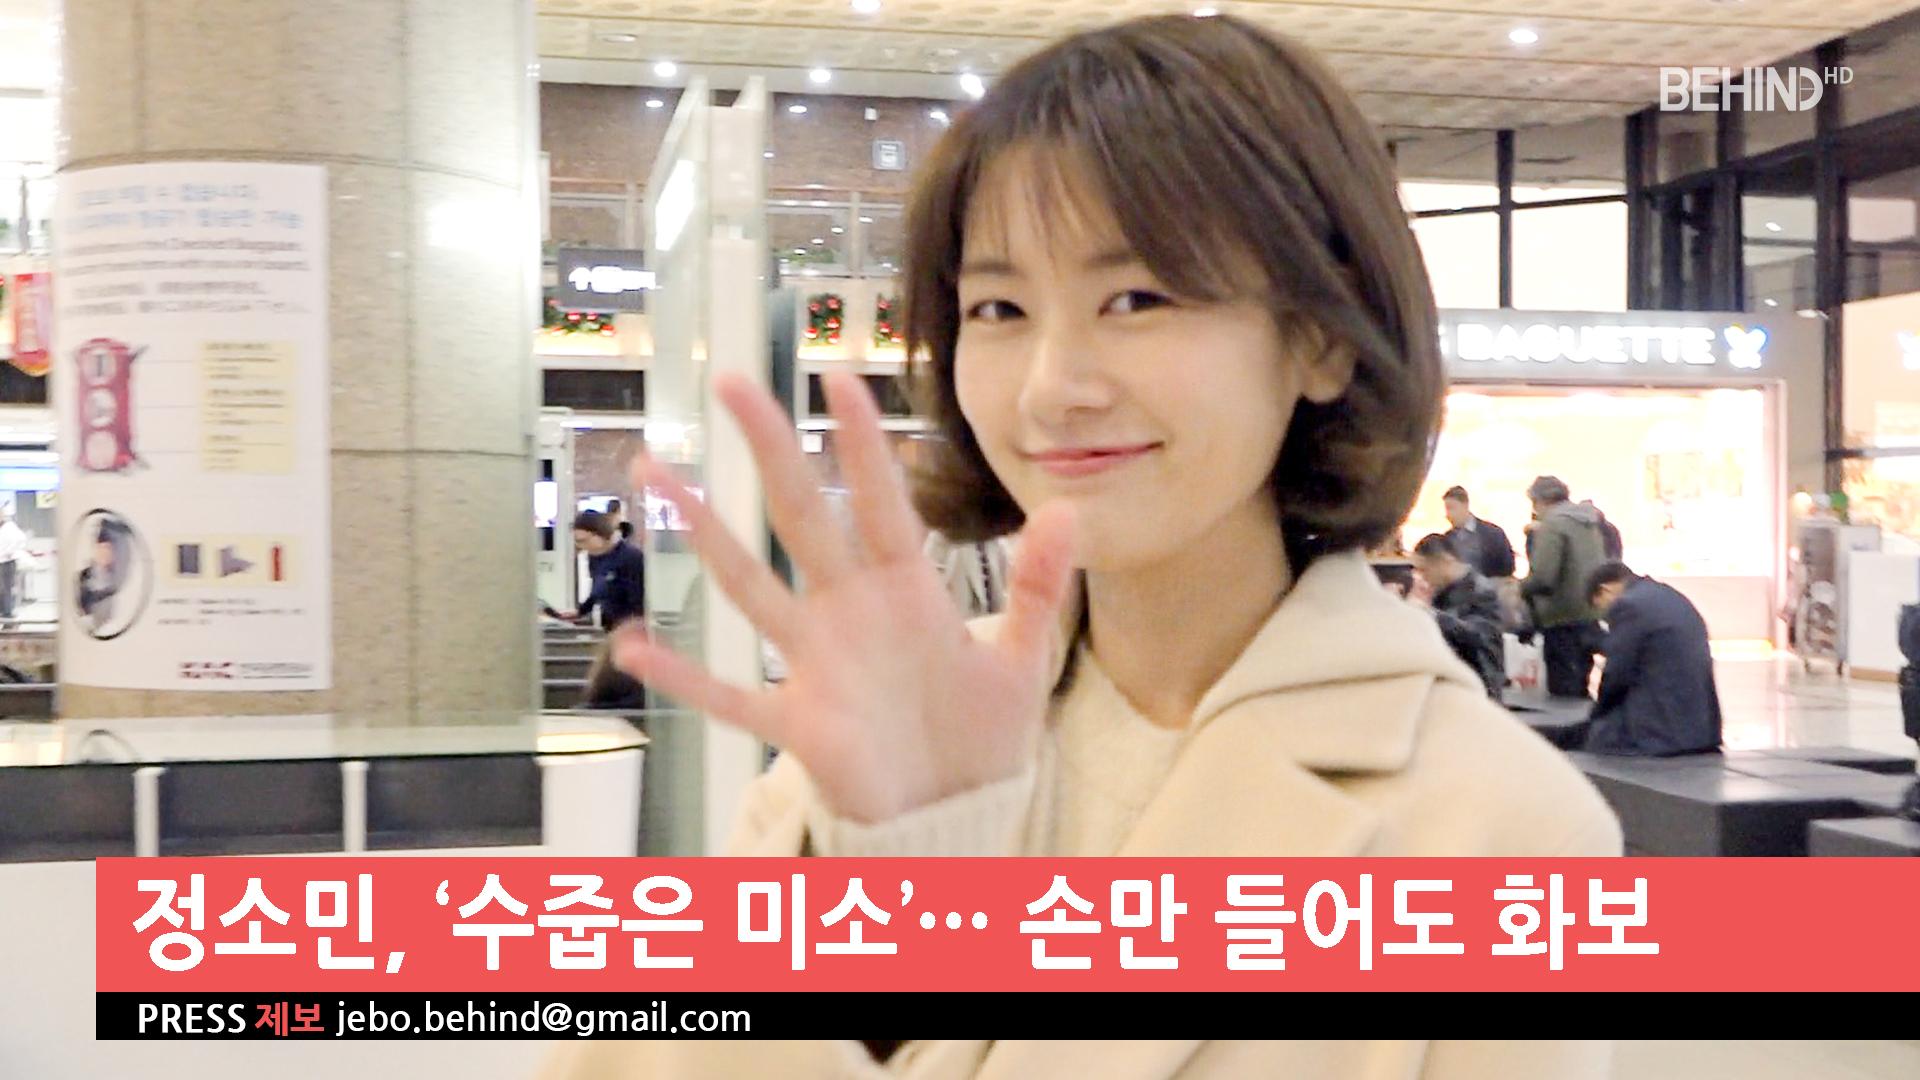 [비하인드] 정소민, '수줍은 미소'··· 손만 들어도 화보